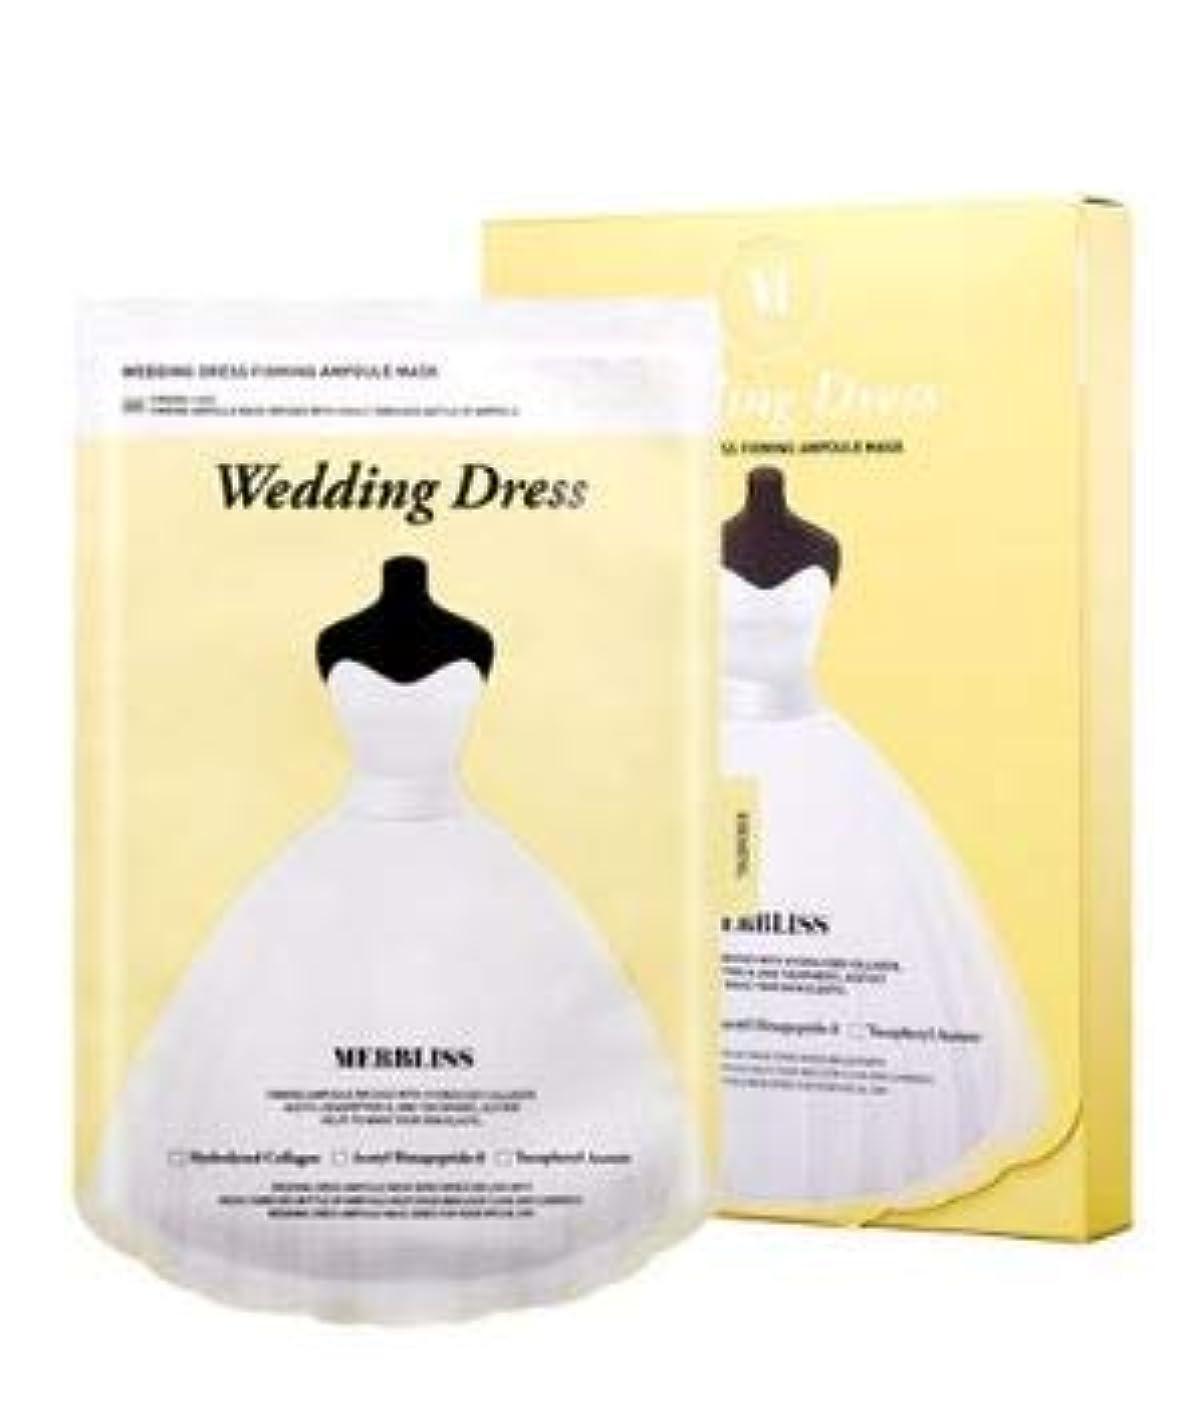 読者脚本家大学[Merbliss] Wedding Dress Firming Ampoule Mask 25gx5ea /ウェディングドレスファーミングアンプルマスク25gx5枚 [並行輸入品]